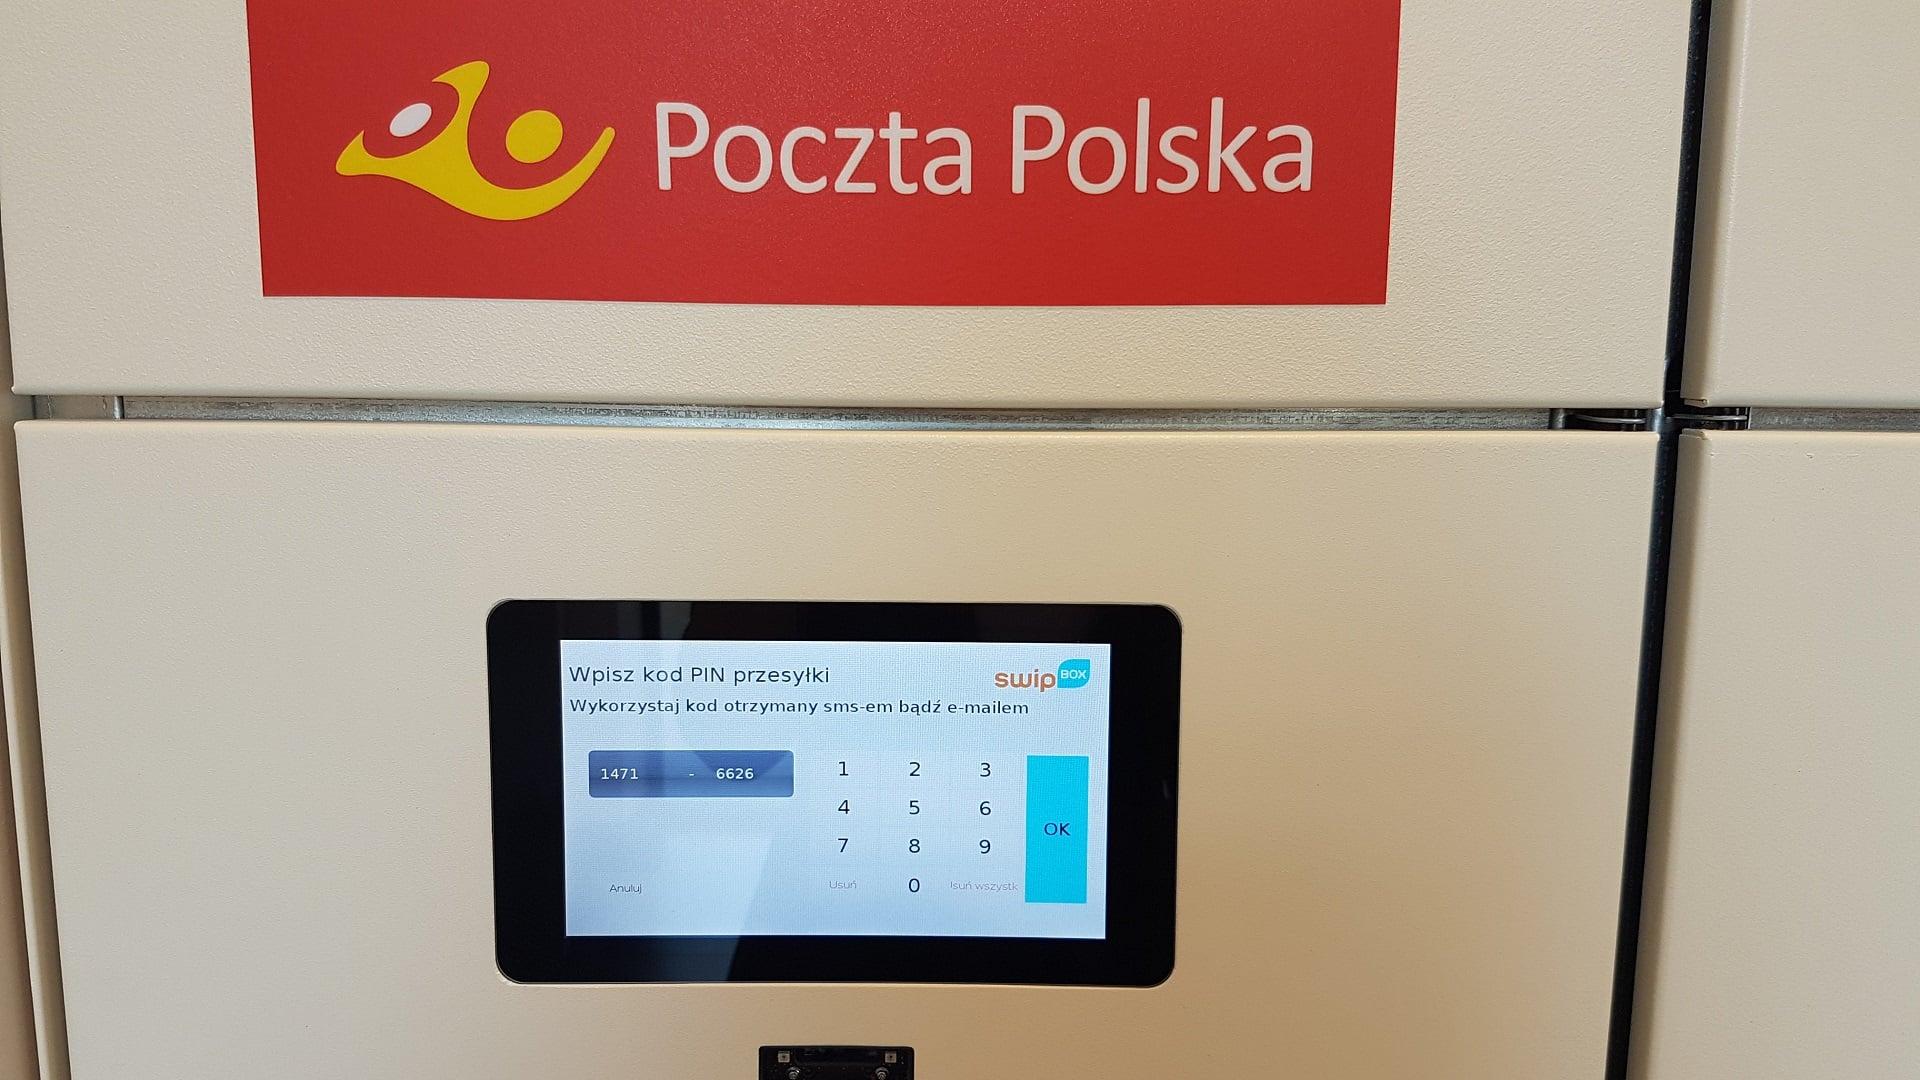 Poczta Polska automat paczkowy